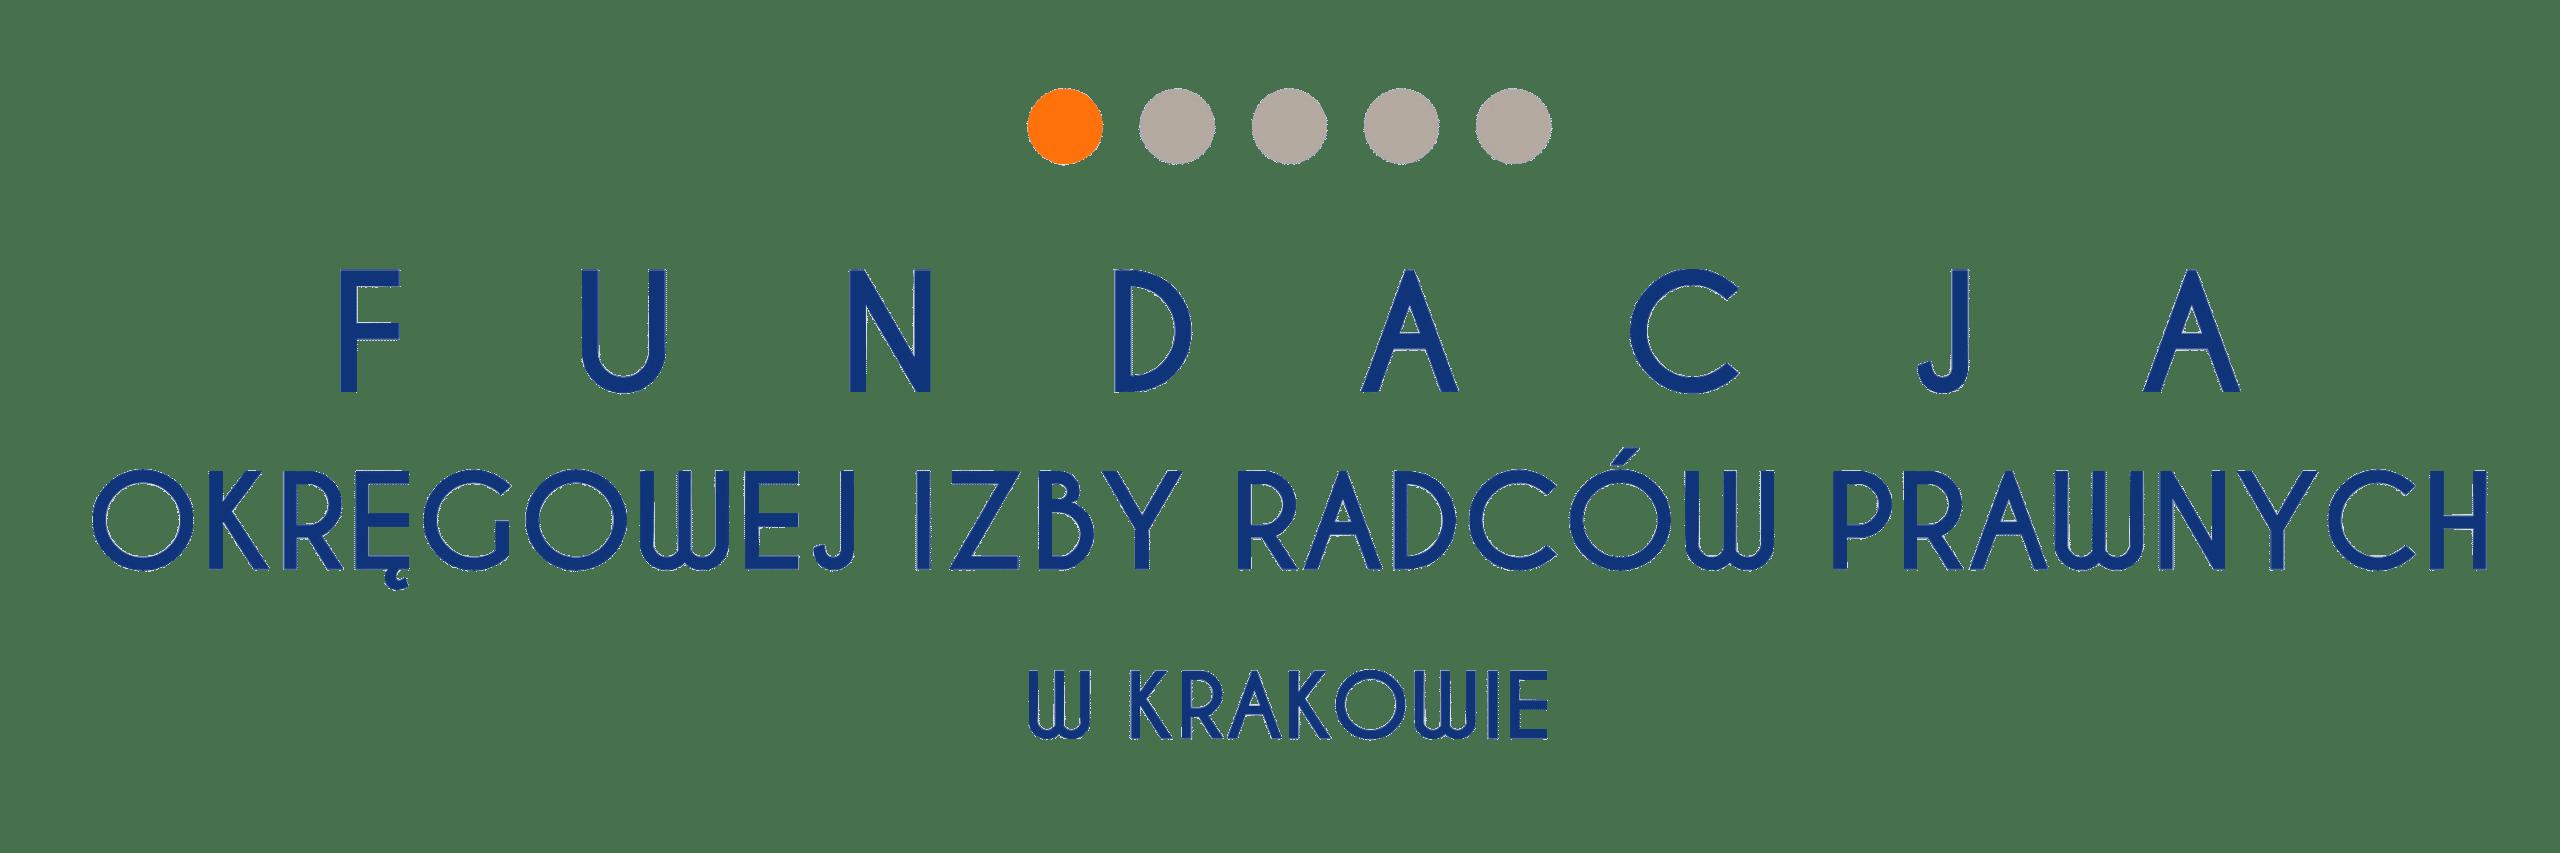 Fundacja Okręgowej Izby Radców Prawnych w Krakowie